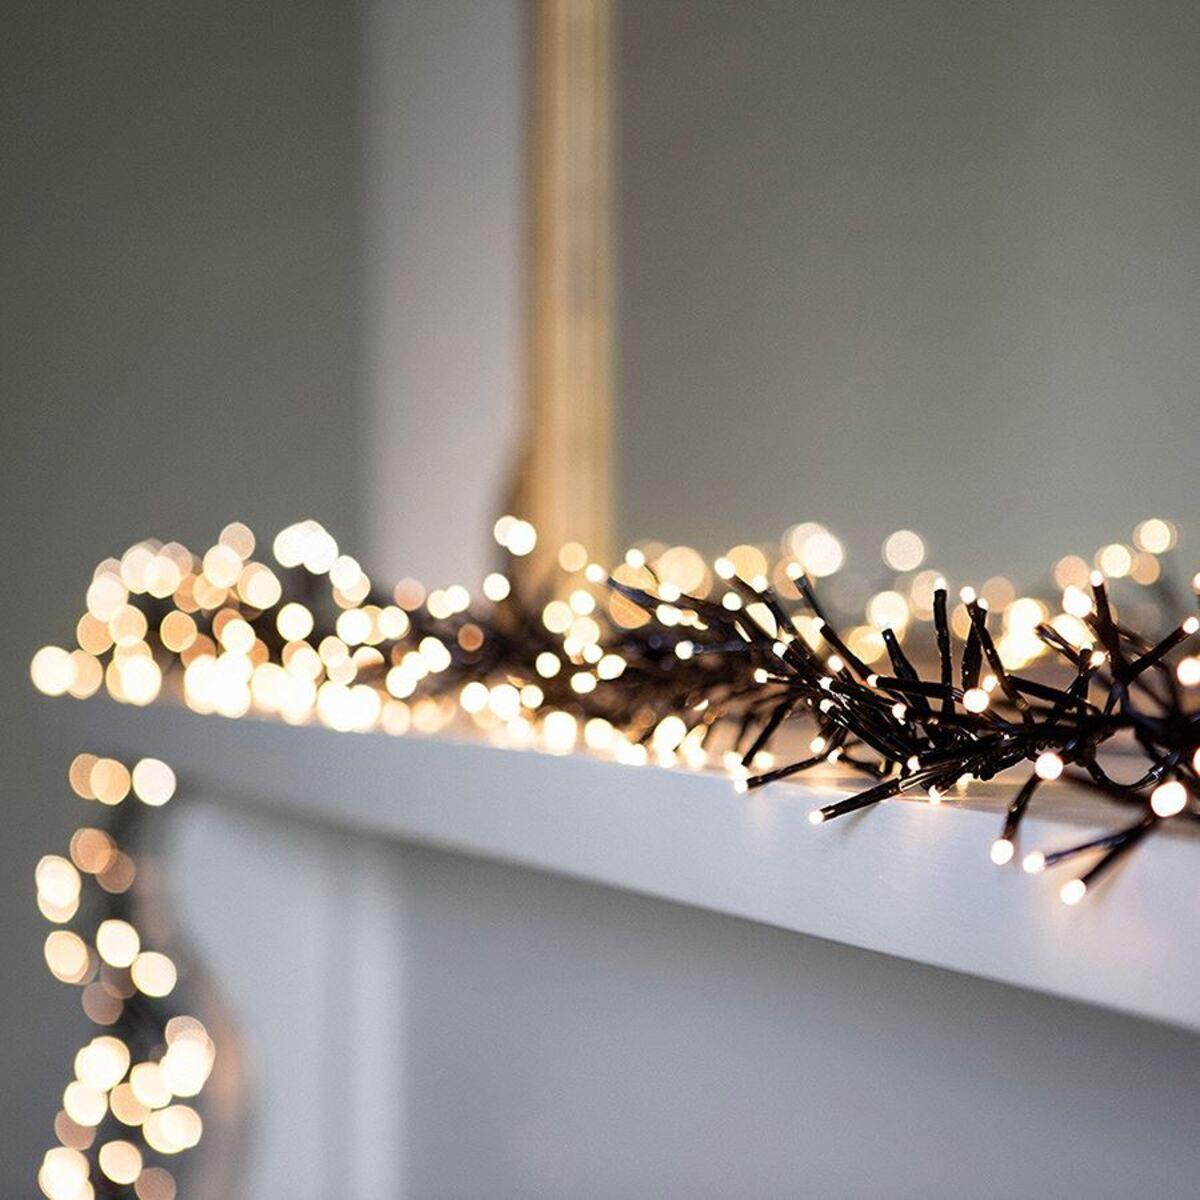 Bild 1 von LED-Cluster-Lichterkette 14,5m 480 LEDs Warmweiß